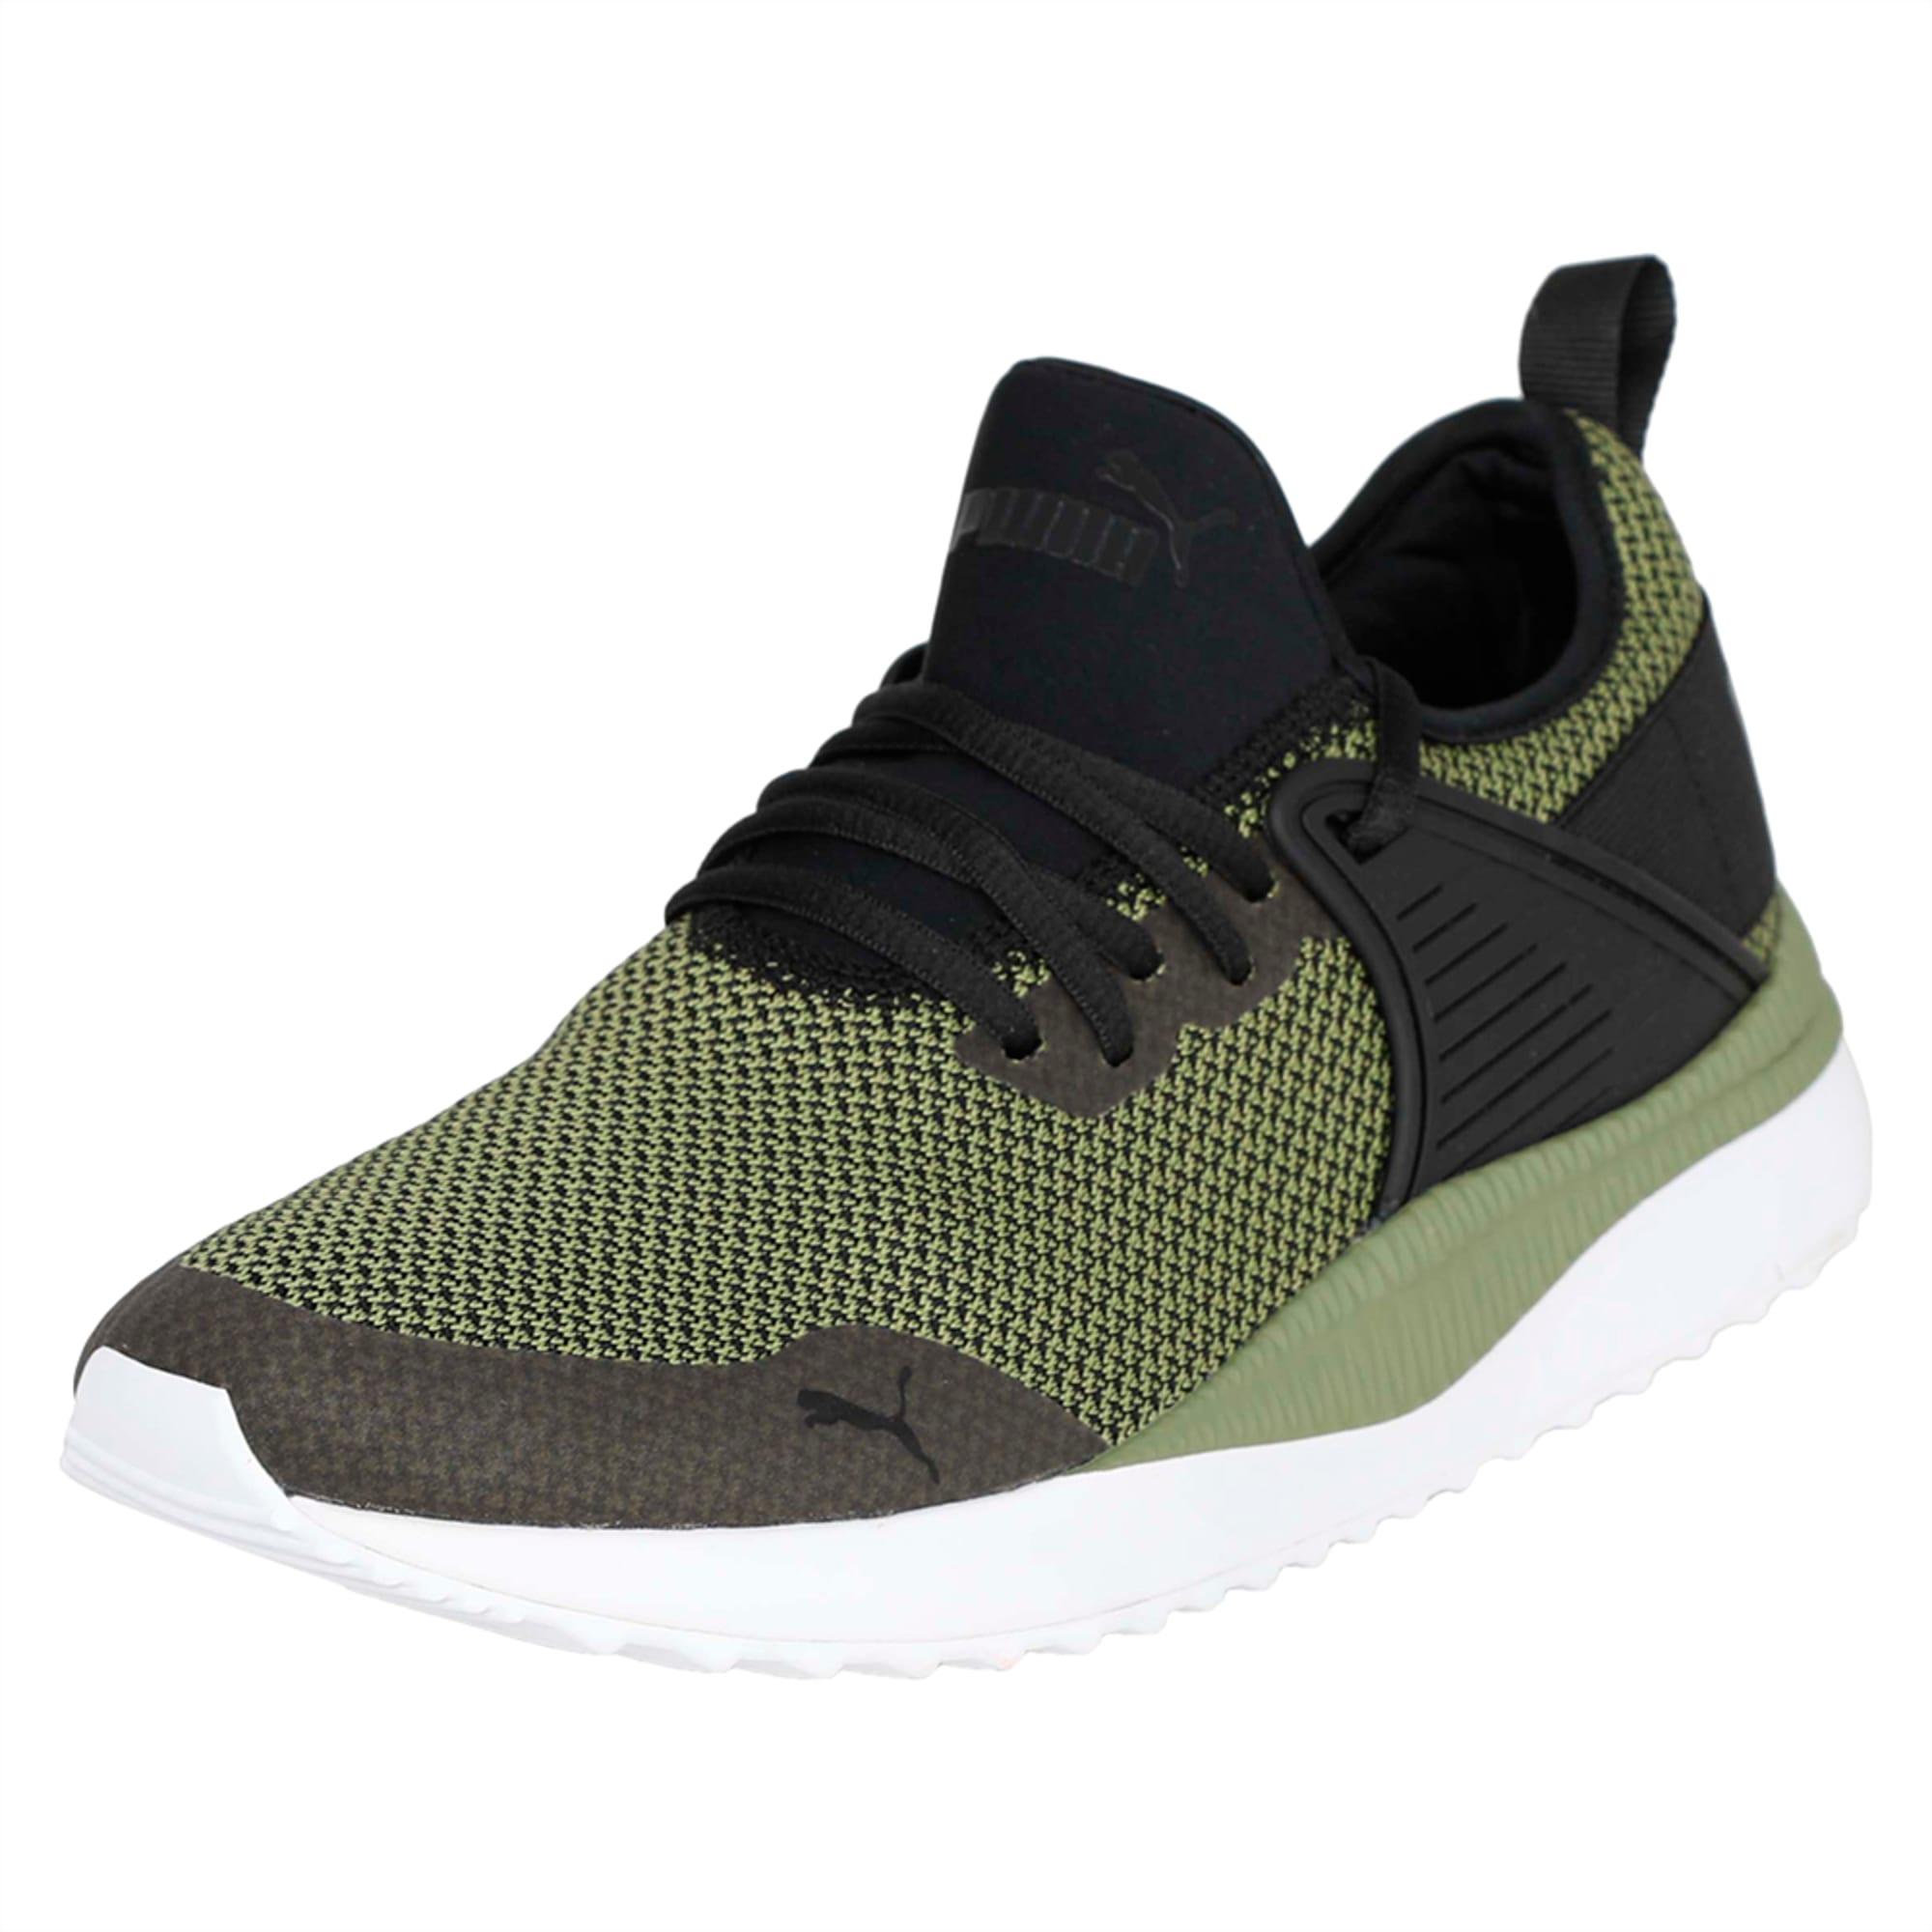 oficial de ventas calientes comprar más nuevo salida online Pacer Next Cage GK Shoes | Puma Black-Capulet Olive | PUMA Low | PUMA